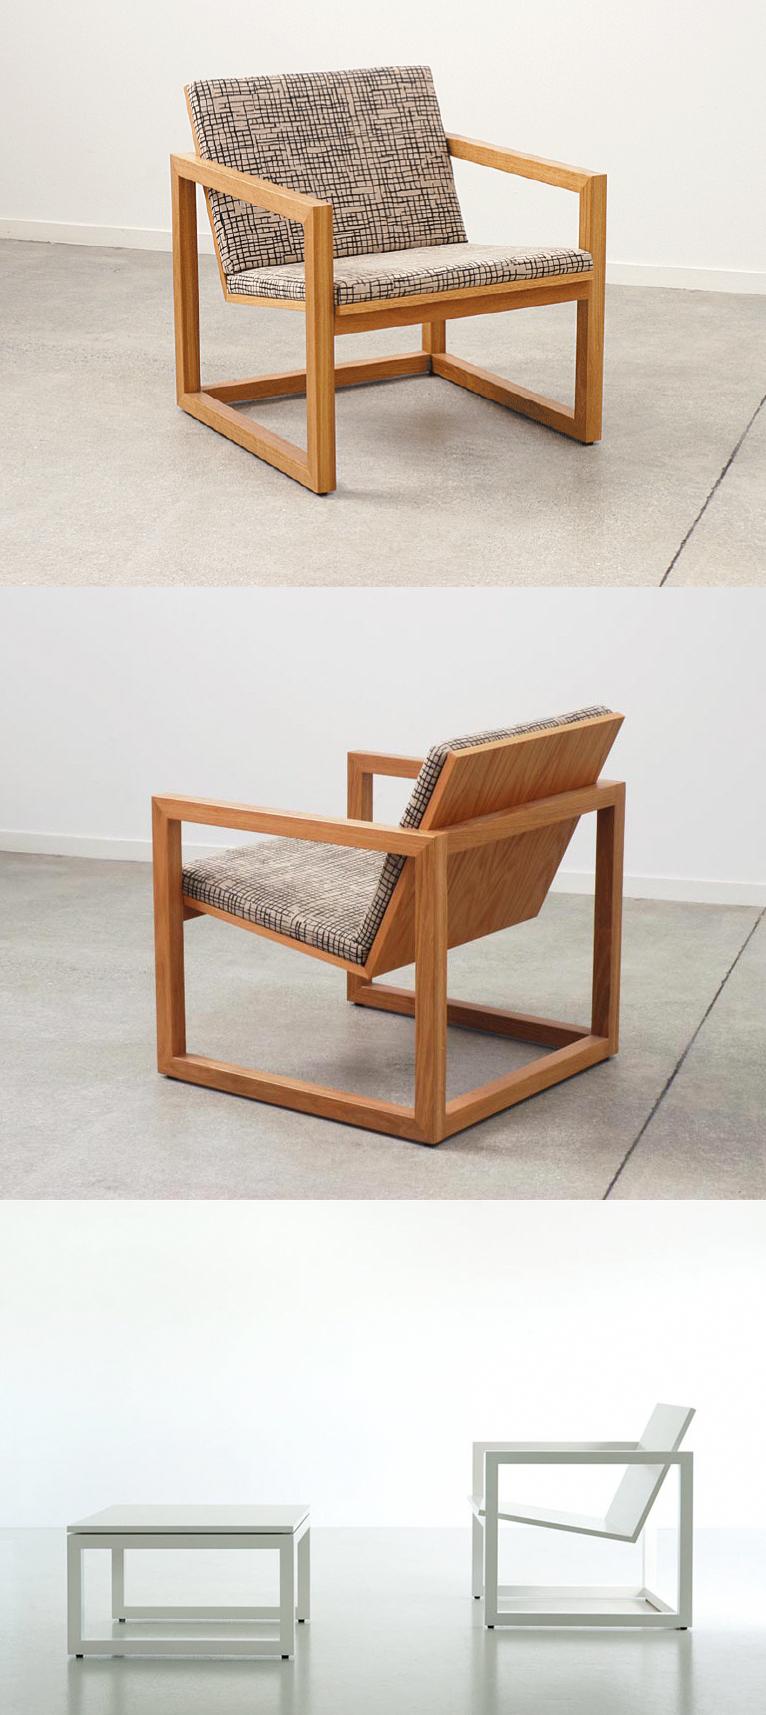 Furniturechairdesignarmchairs Muebles Muebles De Cuero Decoracion De Muebles